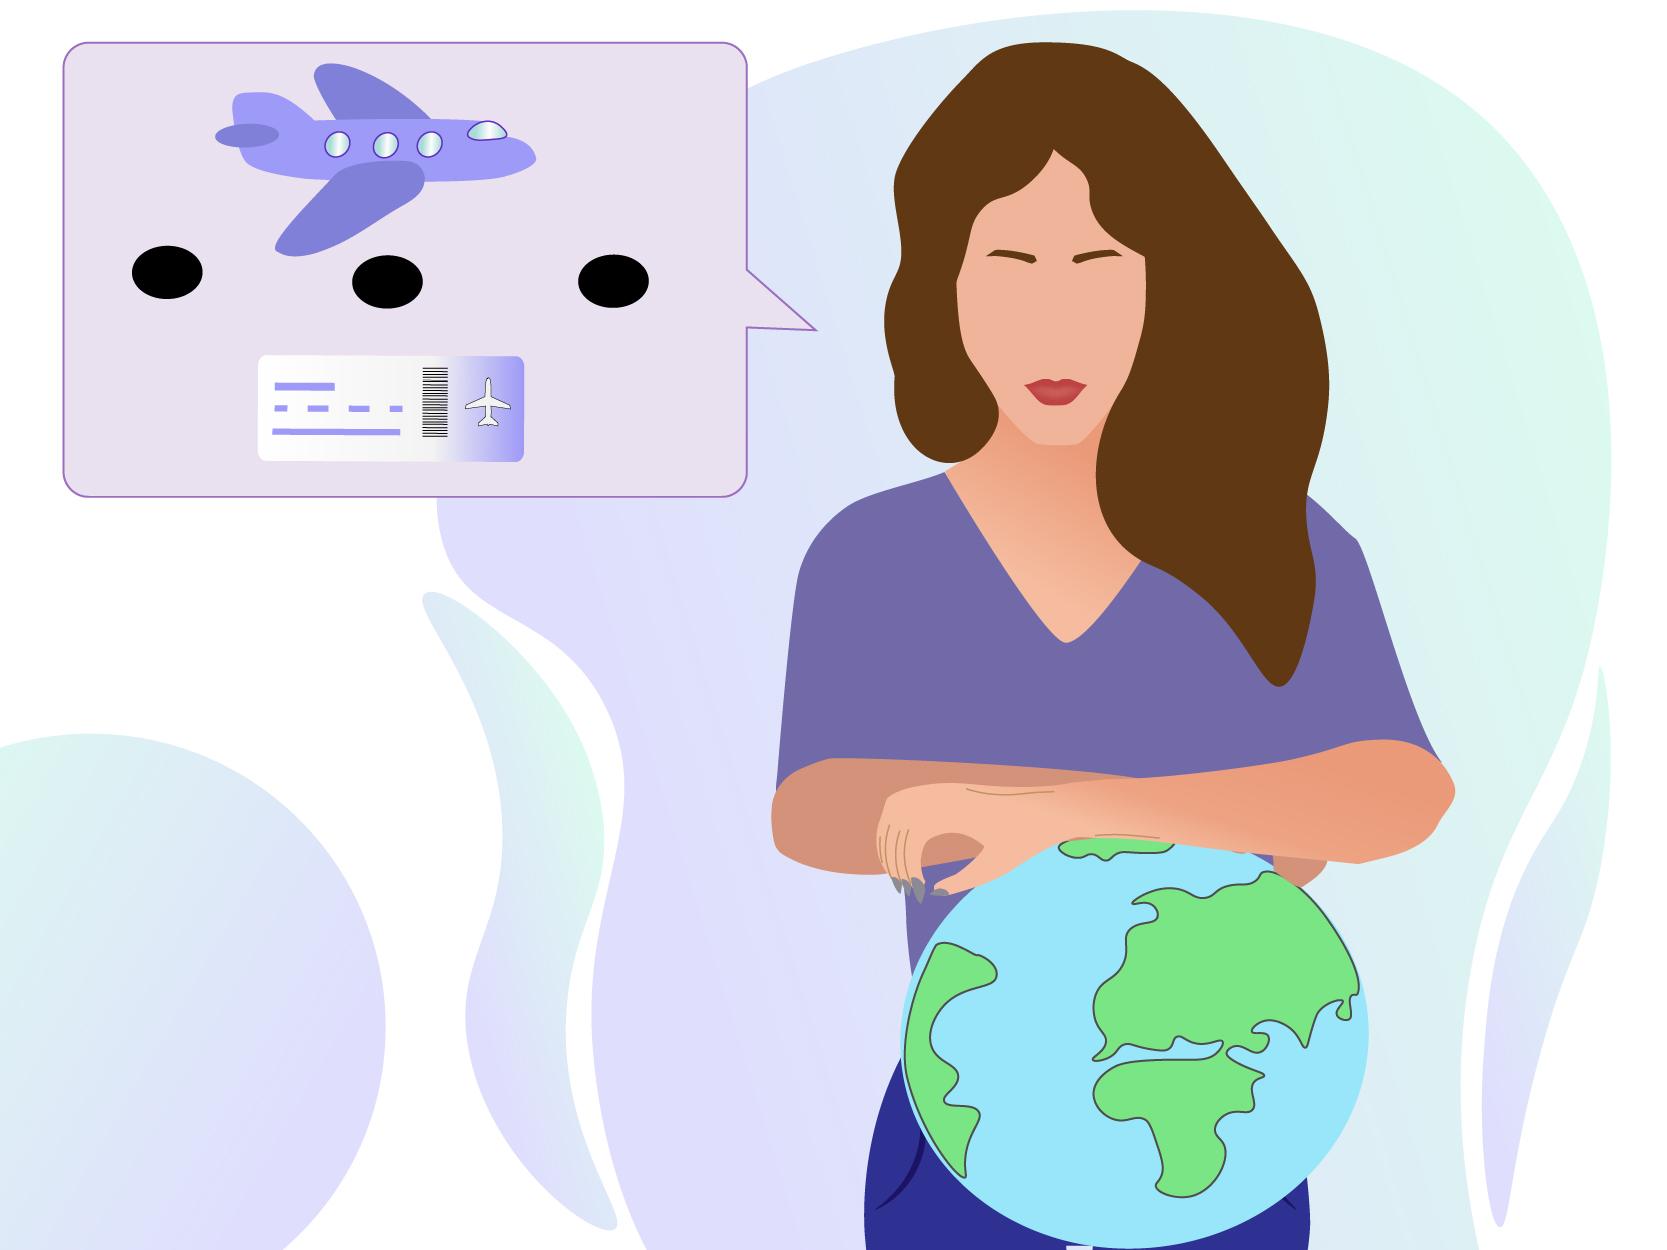 Au pair in een paas shirt die haar armen laat leunen op een wereldbol. Naast haar is een paars vlak te zien met een vliegtuig en een boarding pass